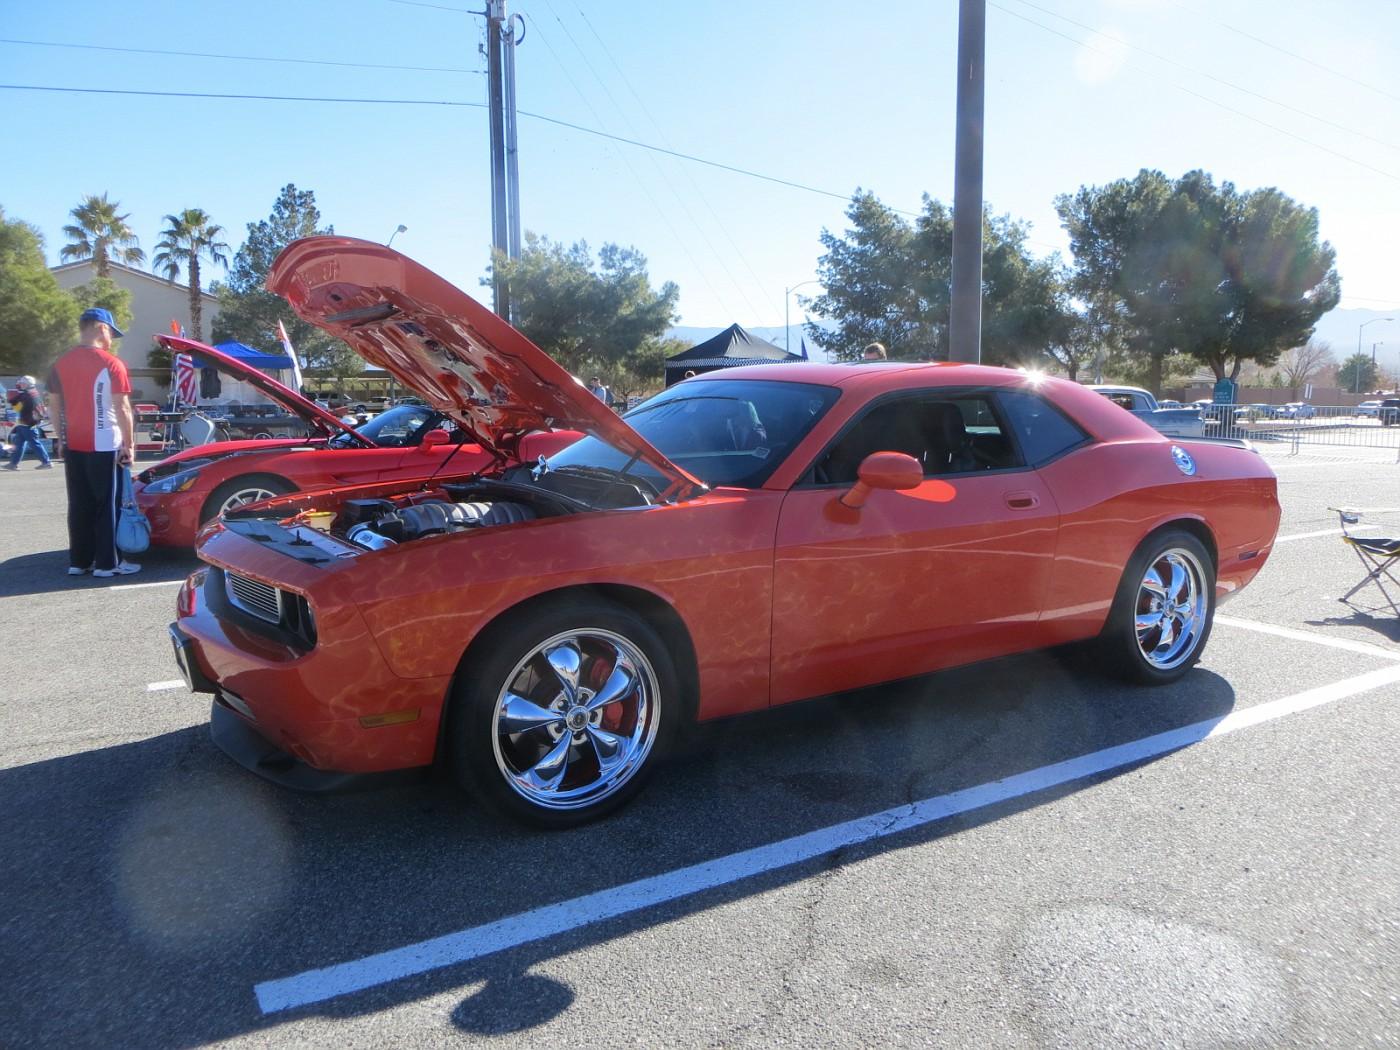 Photo Img 2703 Mesquite Motor Mania Album Cruzzin